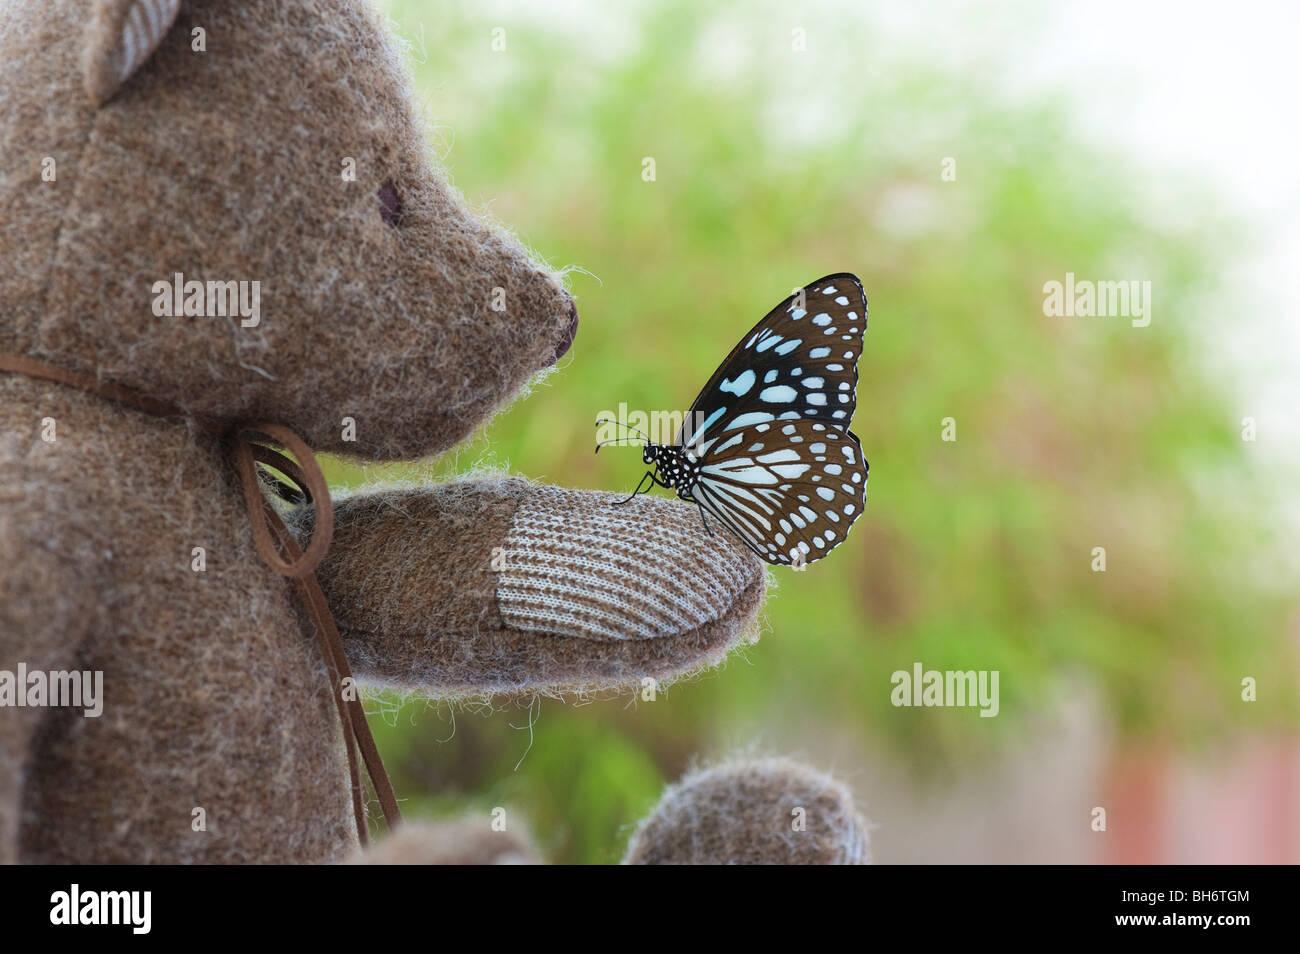 Ours en peluche tenant un papillon tigre bleu Photo Stock